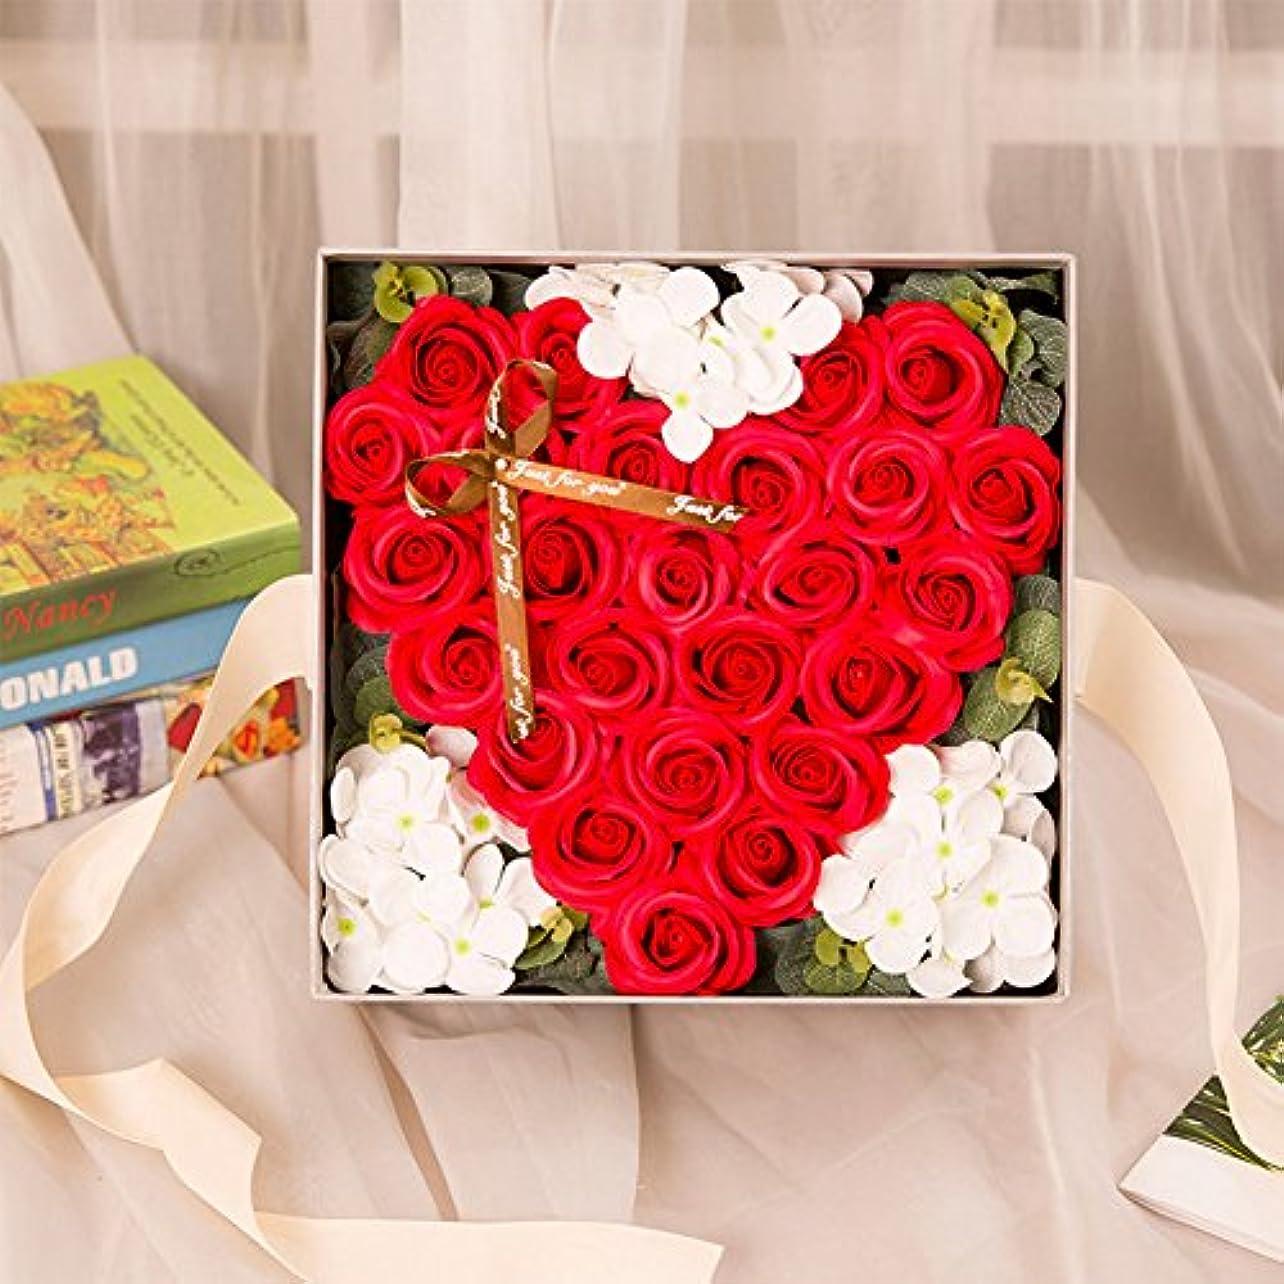 電気技師メタリックタイピストRaiFu クリエイティブ シミュレーションローズ手作り石鹸 ギフトボックスホームデコレーション ユニークなギフト 赤い桃の心